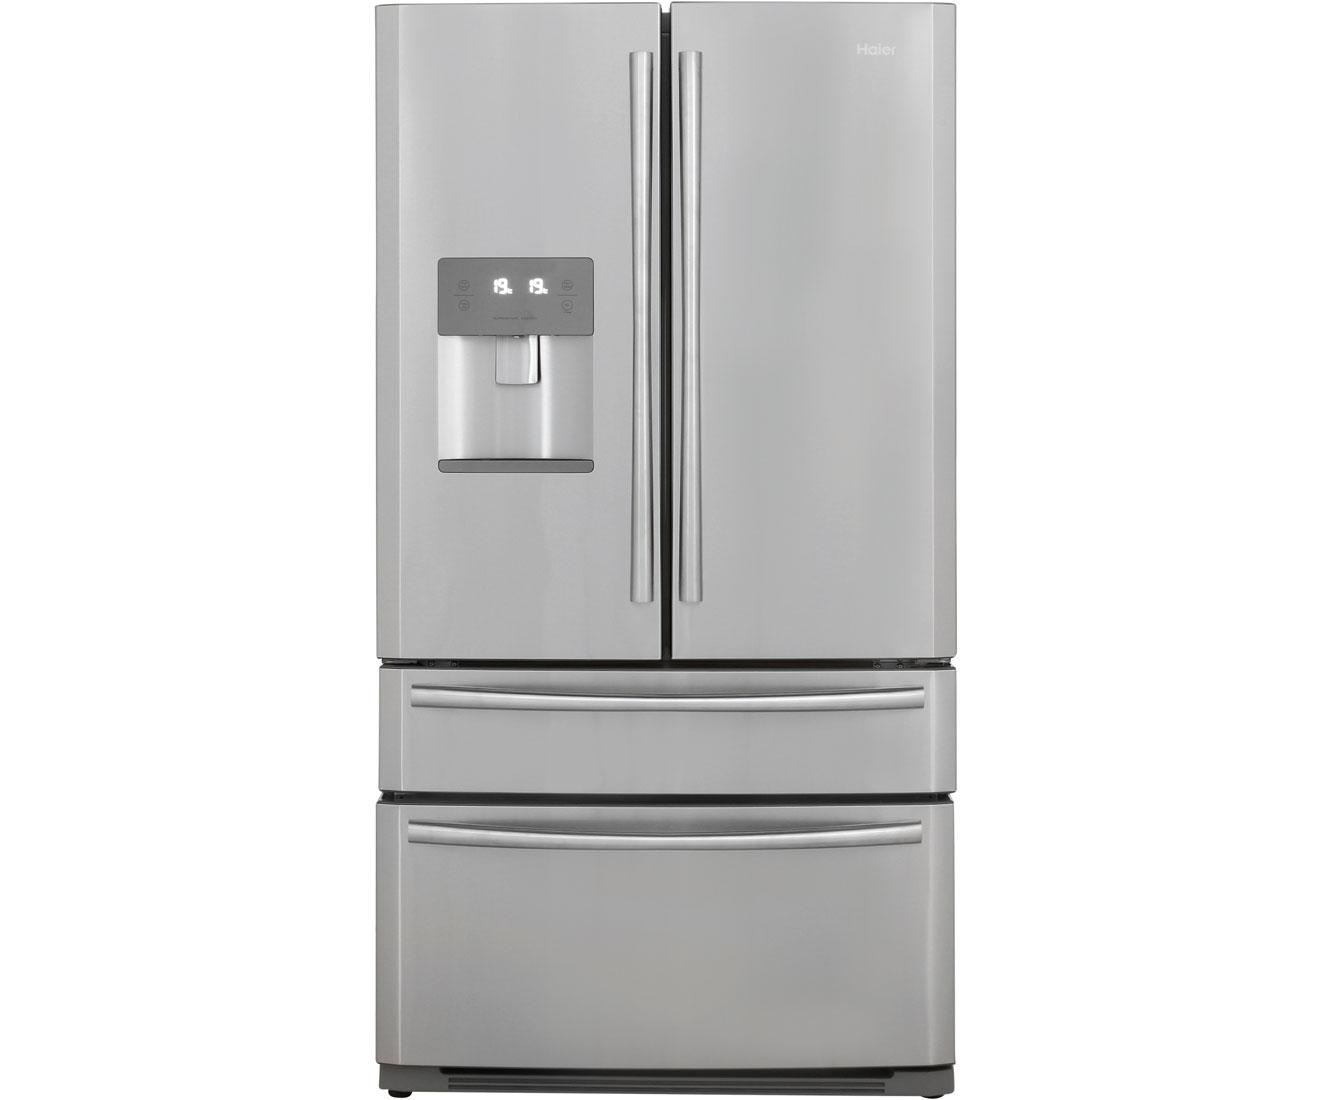 Aeg Kühlschrank Mit Getränkelade : Edelstahl kühlschrank preisvergleich u die besten angebote online